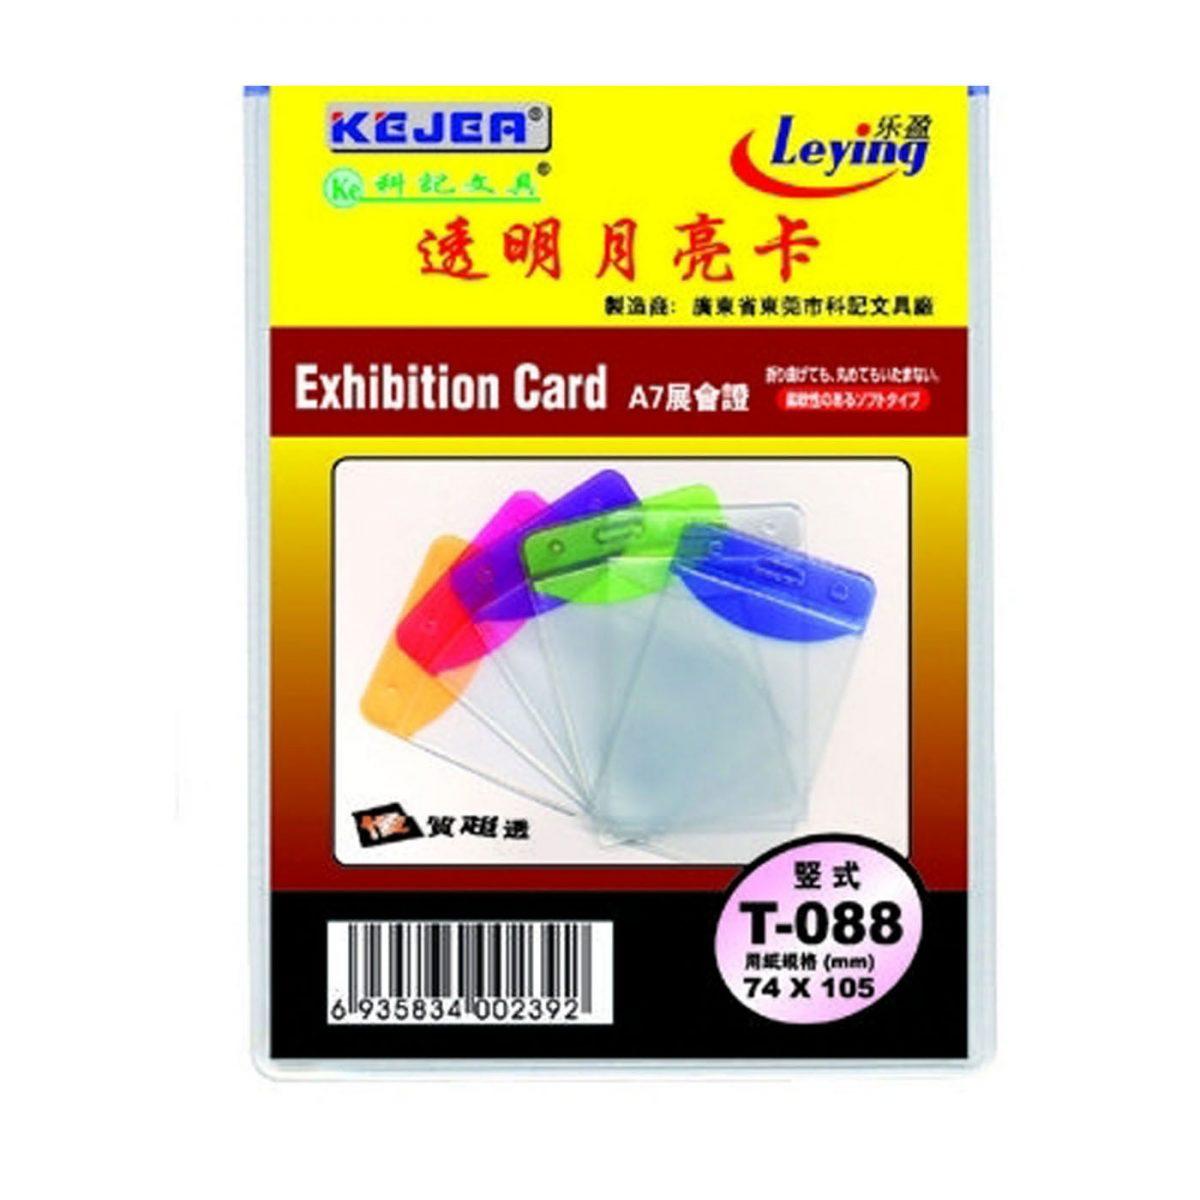 Suport vertical pentru ID carduri, 74 x 105mm, vertical, 10 buc/set, KEJEA - margine transp. color